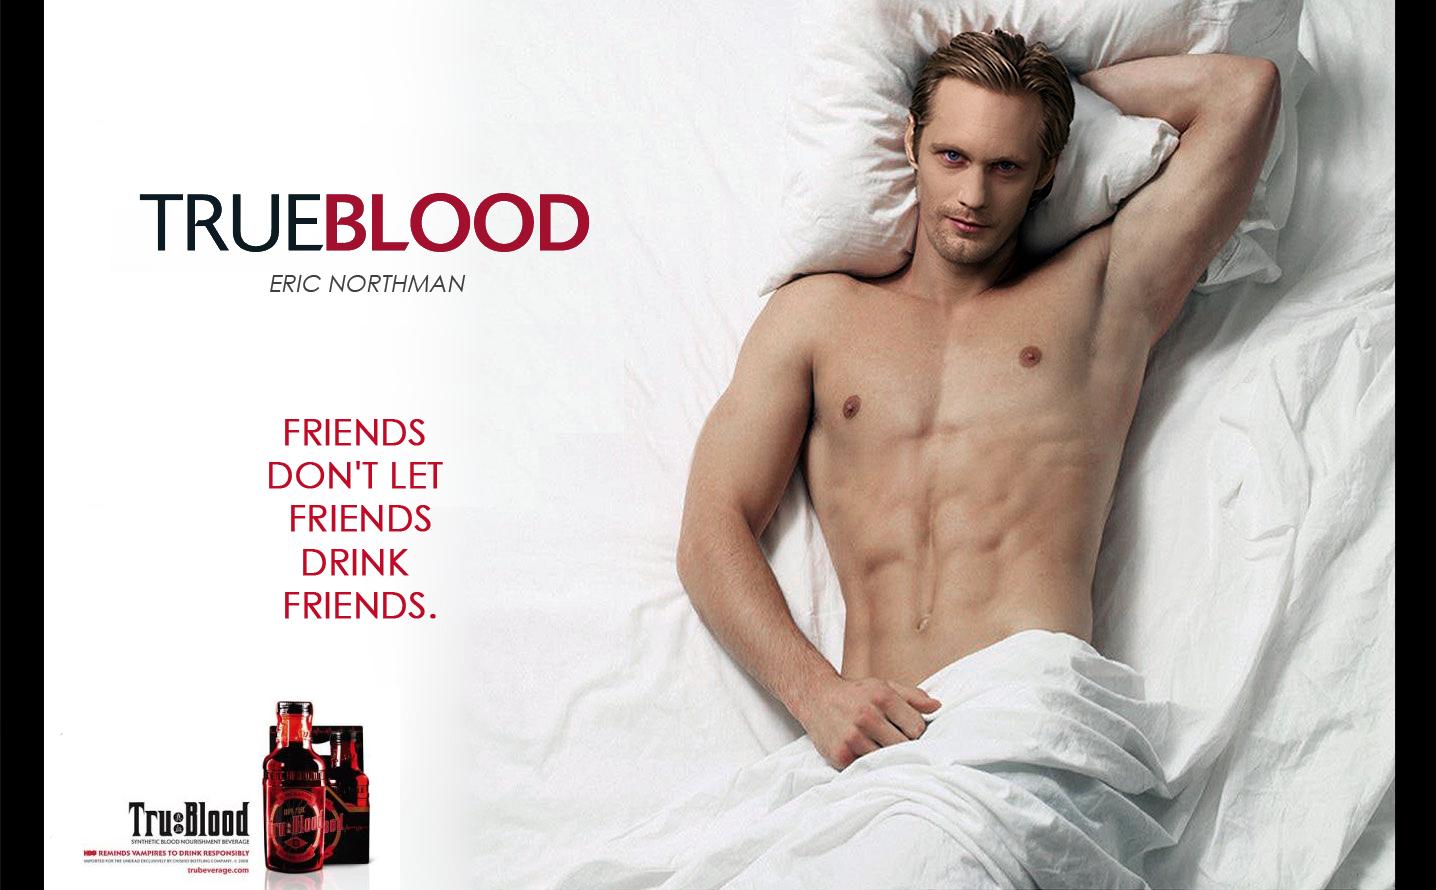 http://3.bp.blogspot.com/-qrSMLHRm3I8/UF8d0fhUWFI/AAAAAAABI3M/fdLVEZ1_MyY/s1600/true-blood-geeks.jpg.png